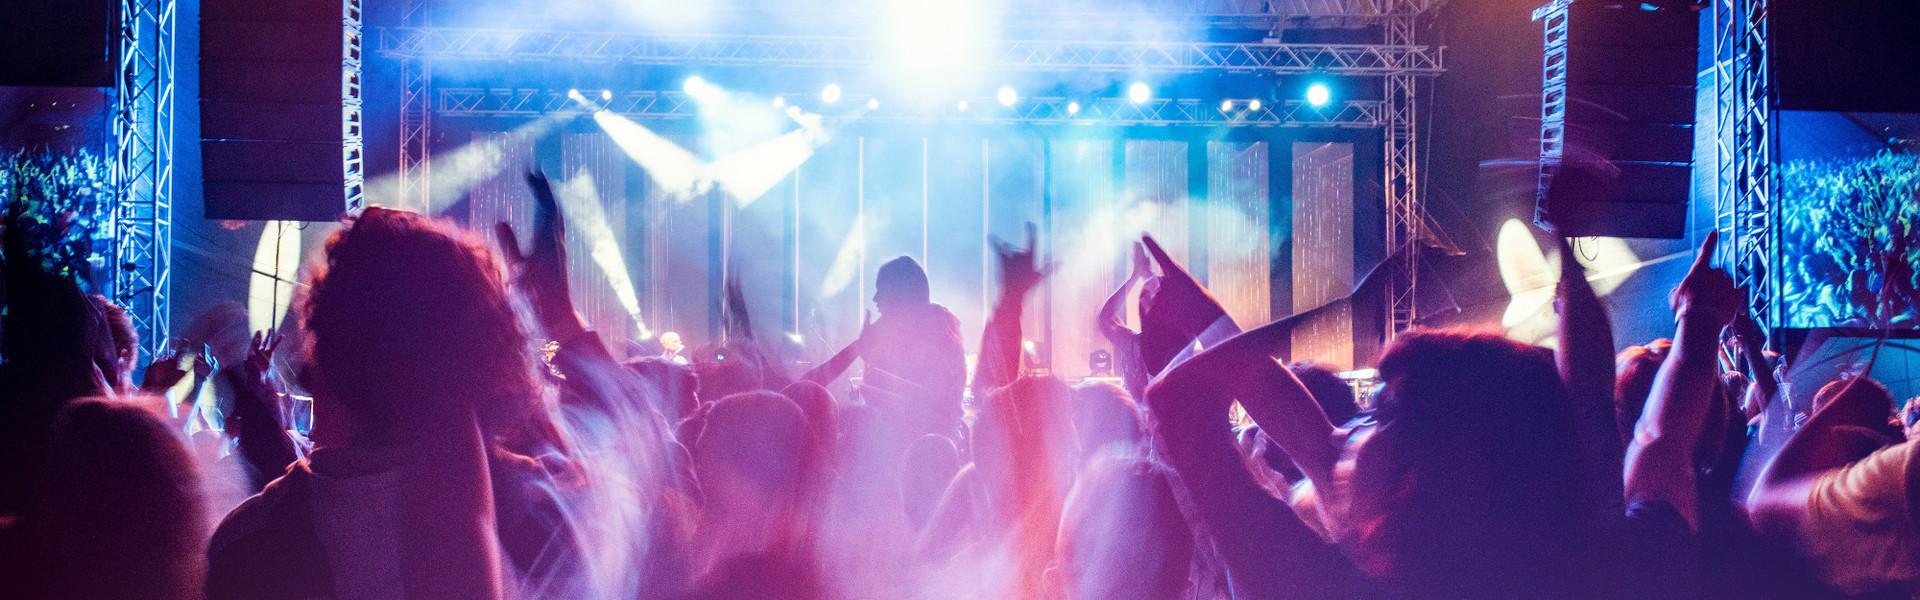 Concert Event Discount Hotel Rates In Vegas | Las Vegas Hotel